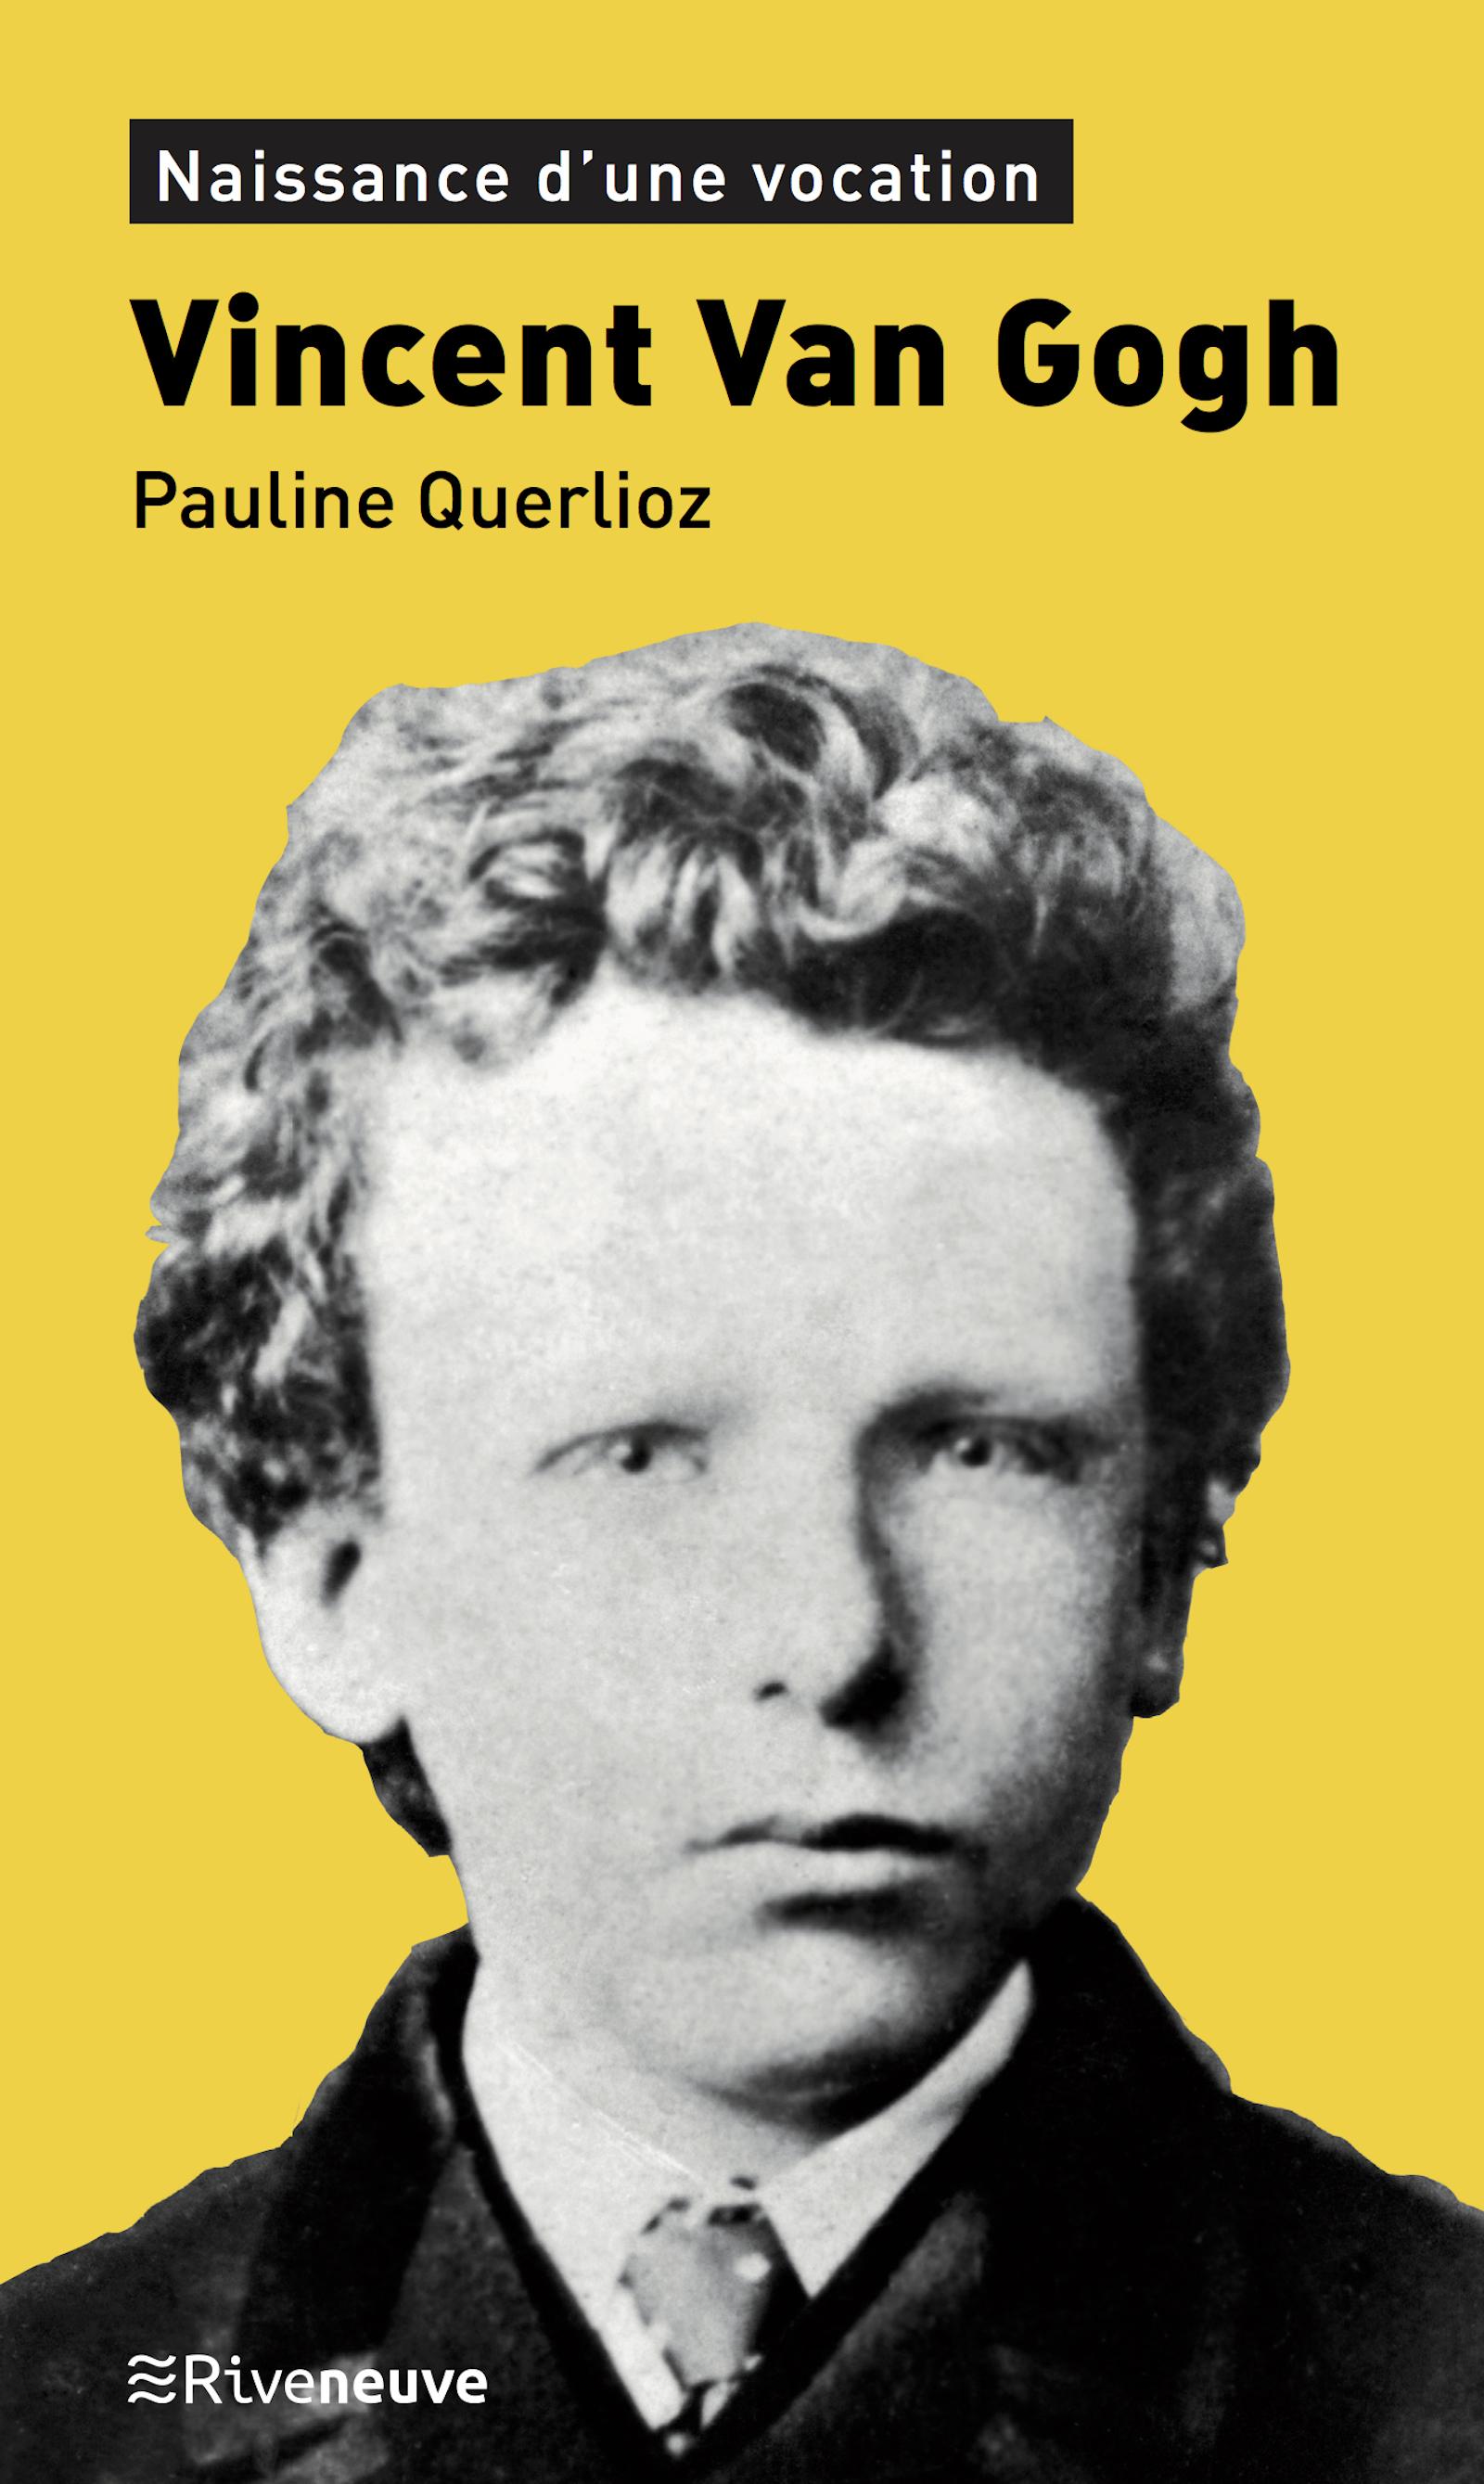 Vincent Van Gogh. Naissance d'une vocation